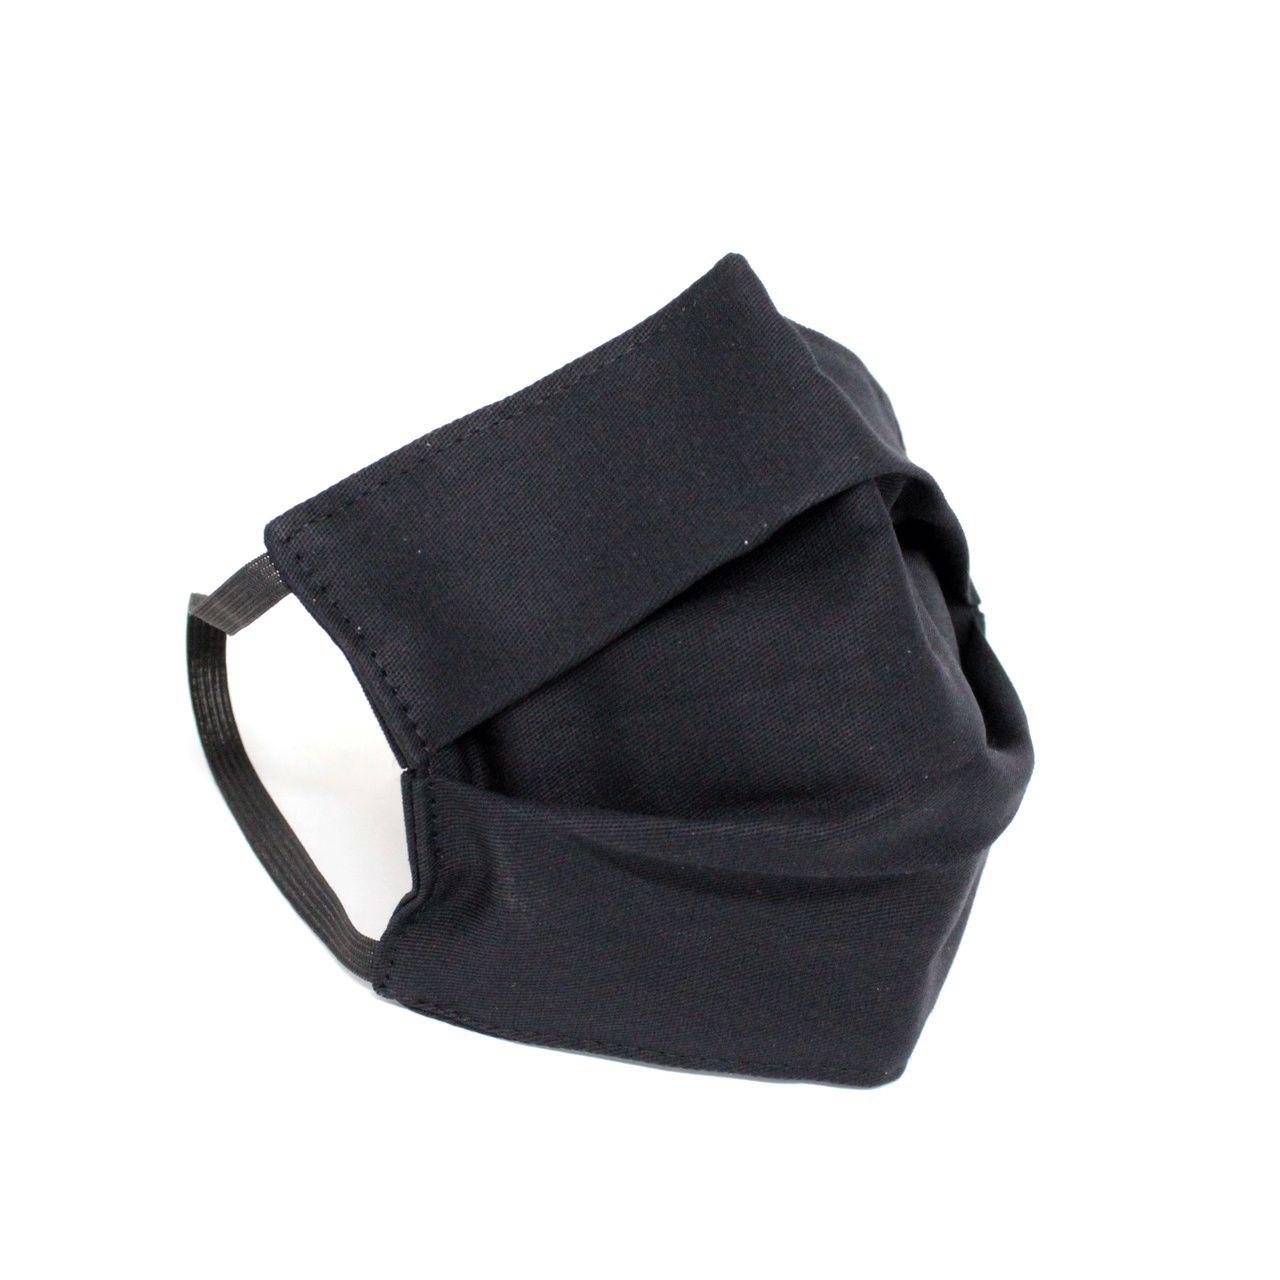 Kit 20 Mascaras Tecido Duplo Lavável - Preta